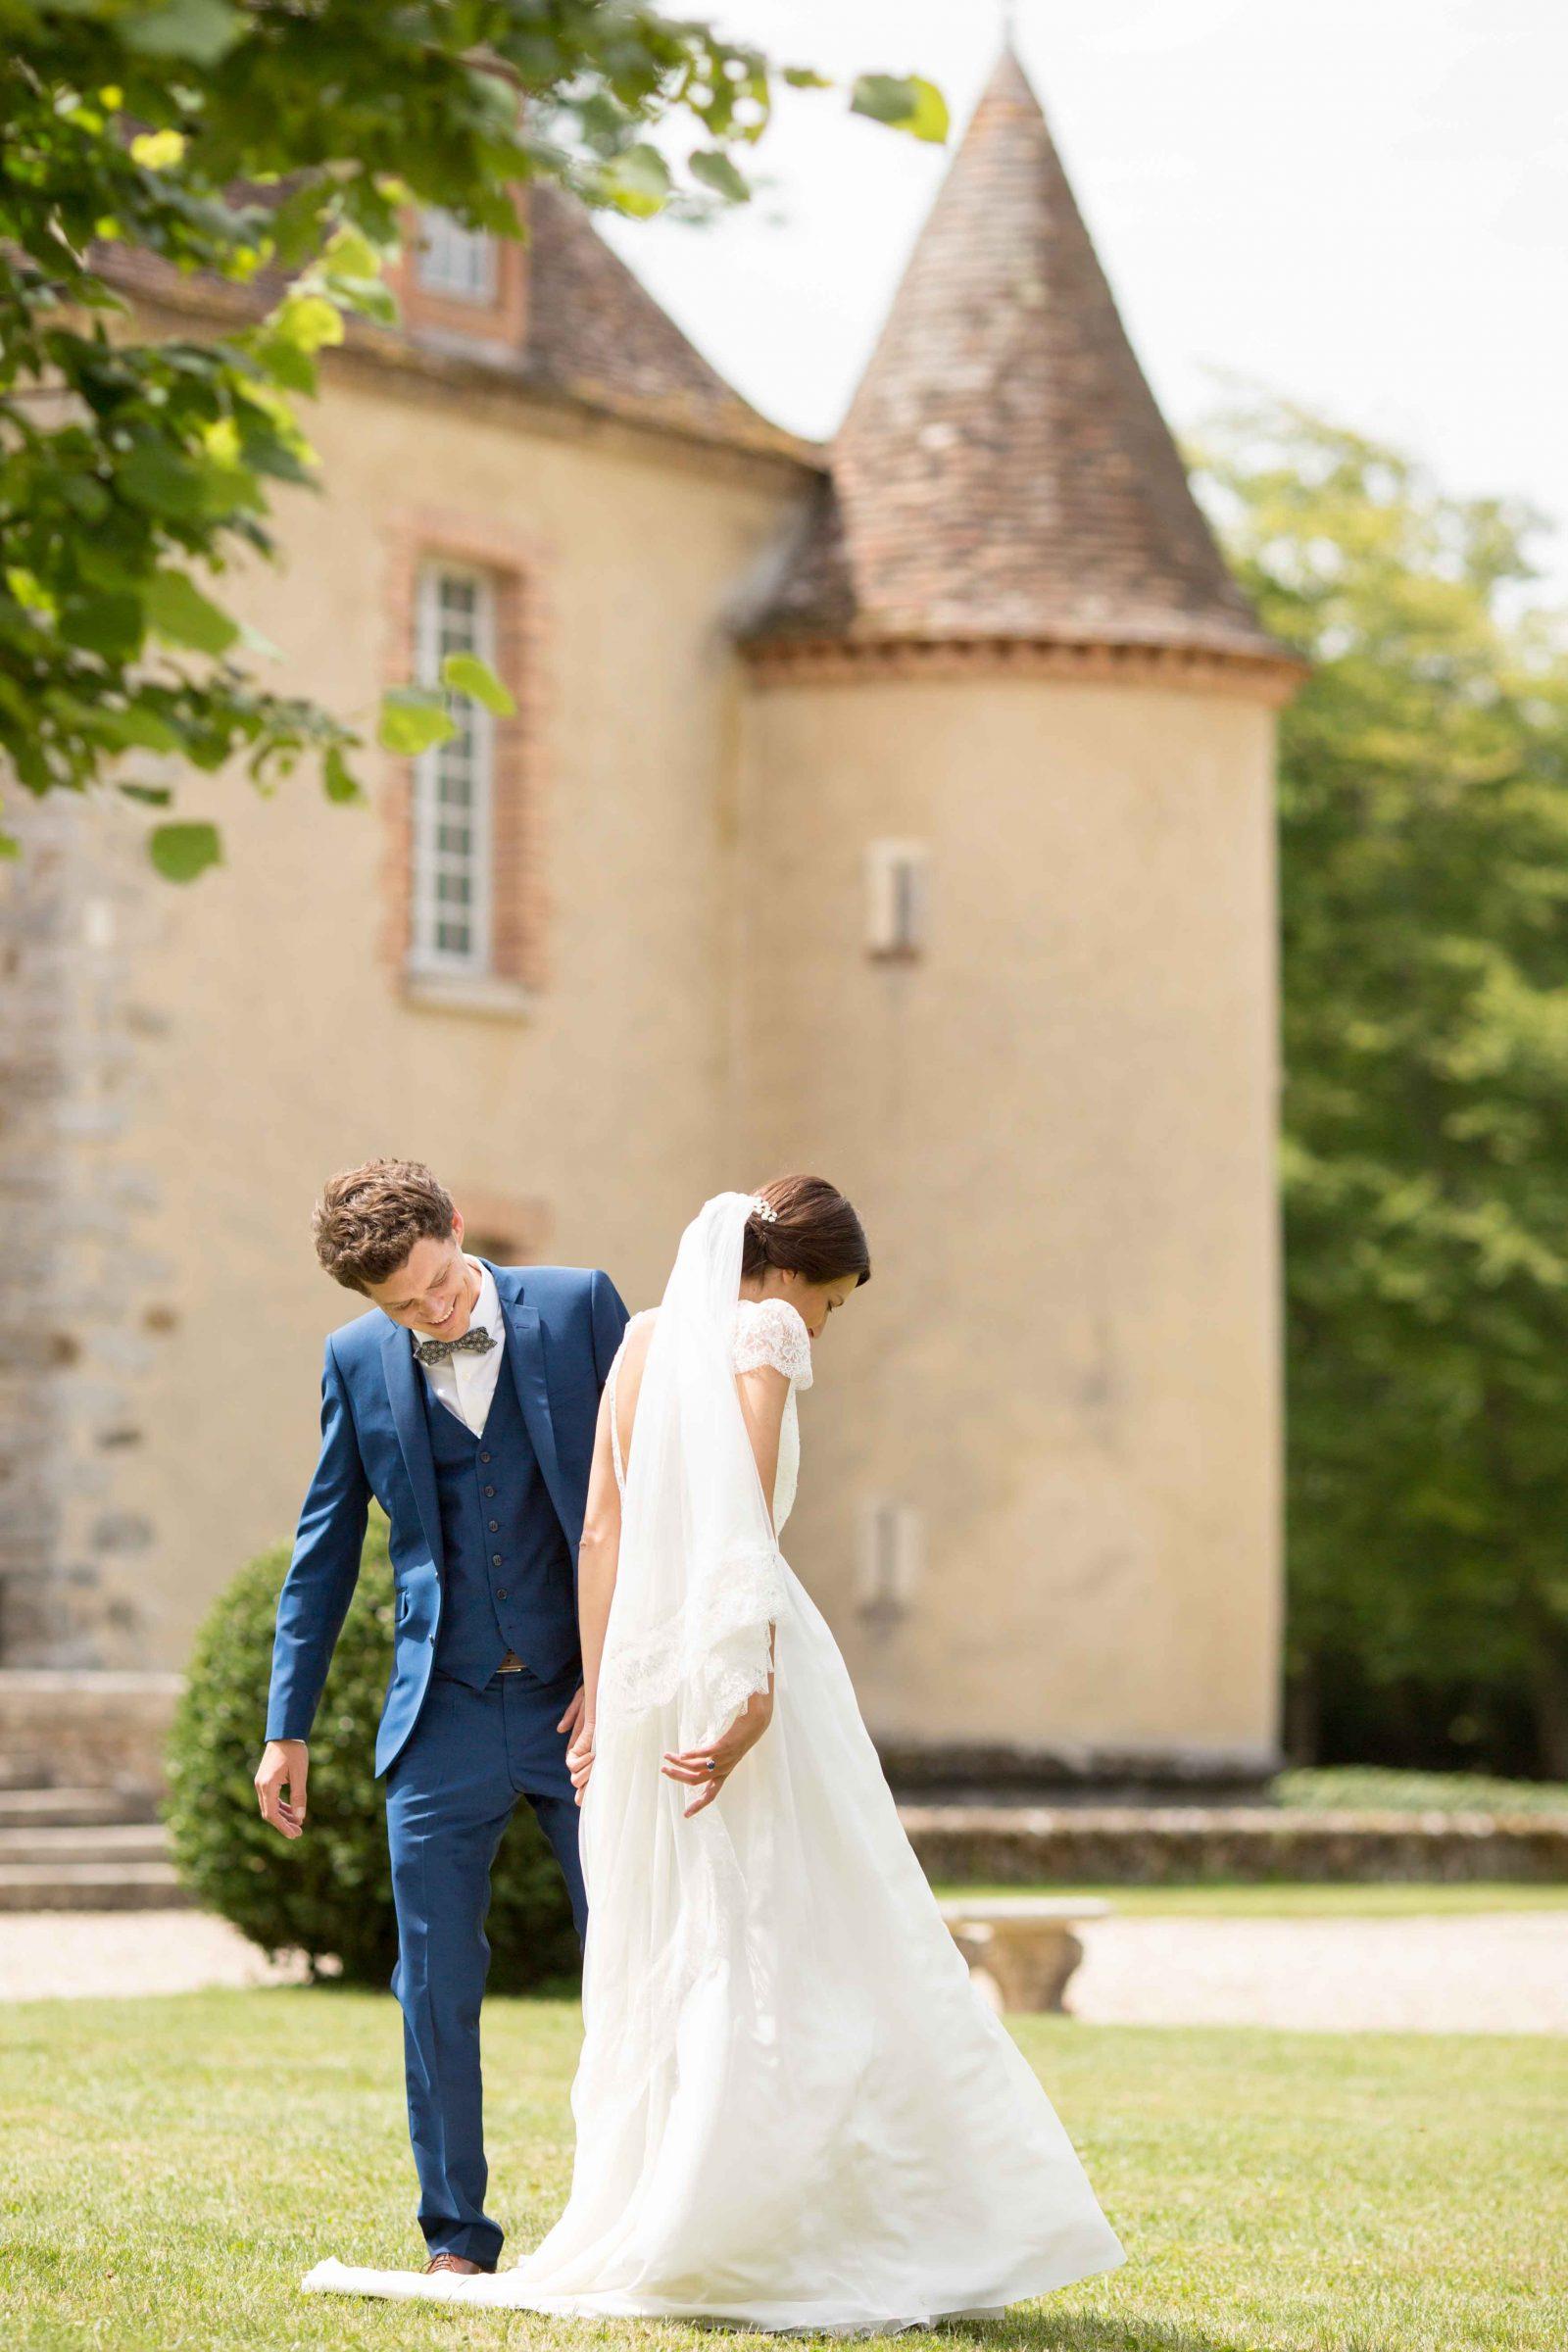 mariés 29 juillet 17 - tourelle - OB